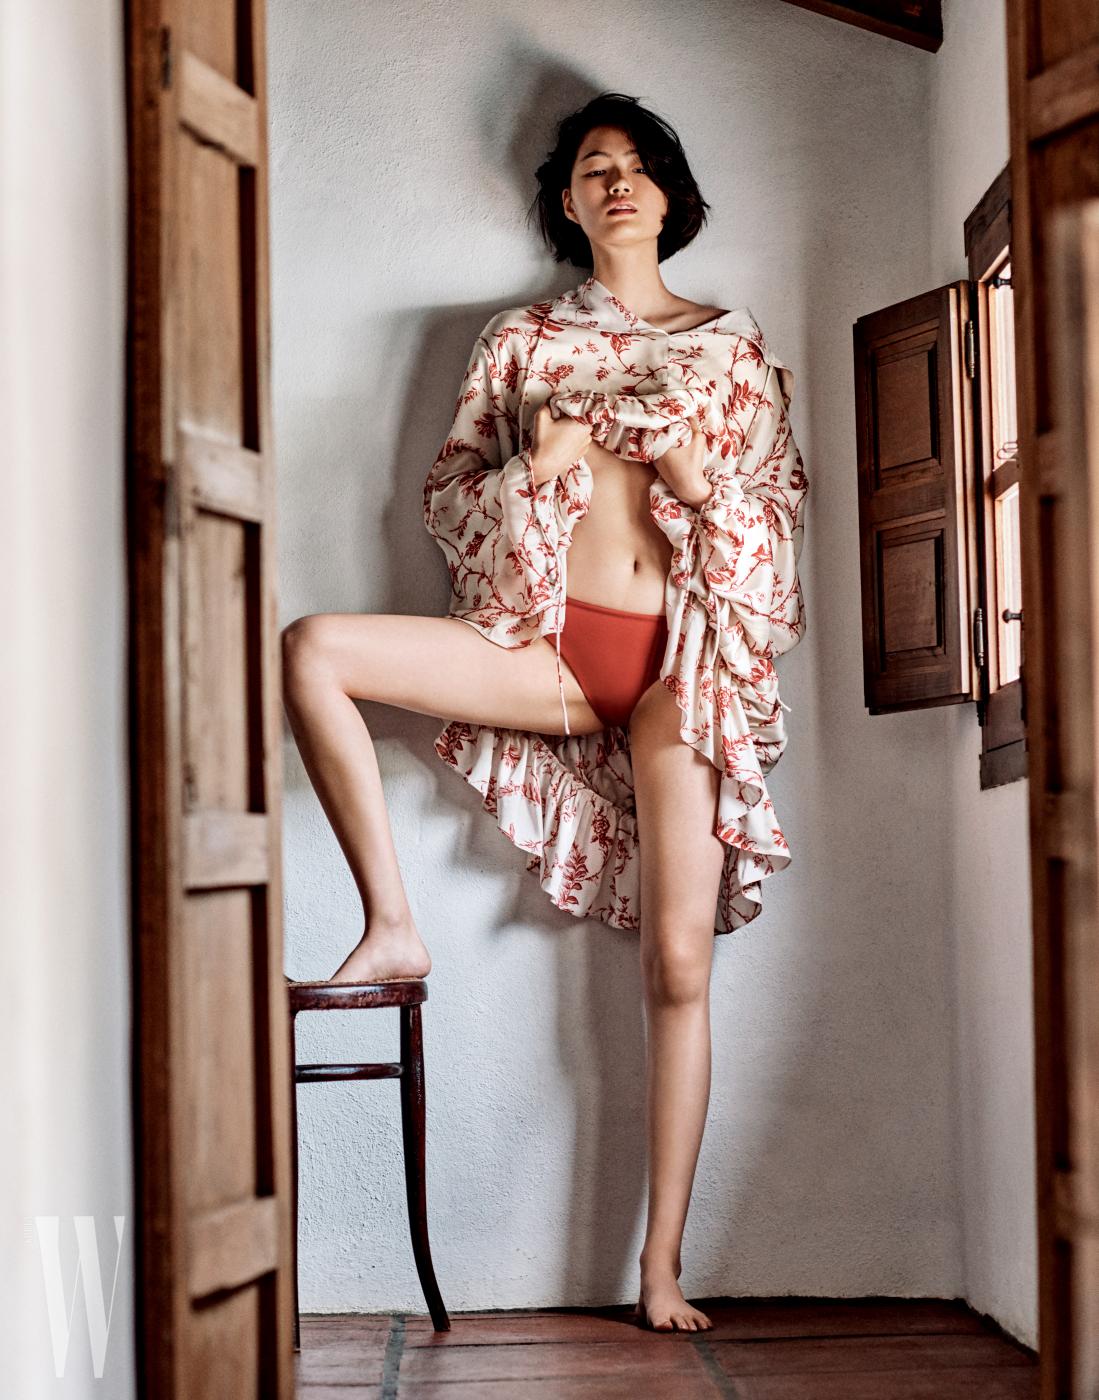 프린트 실크 드레스는 Mulberry, 비키니 하의는 Wander Lust 제품.